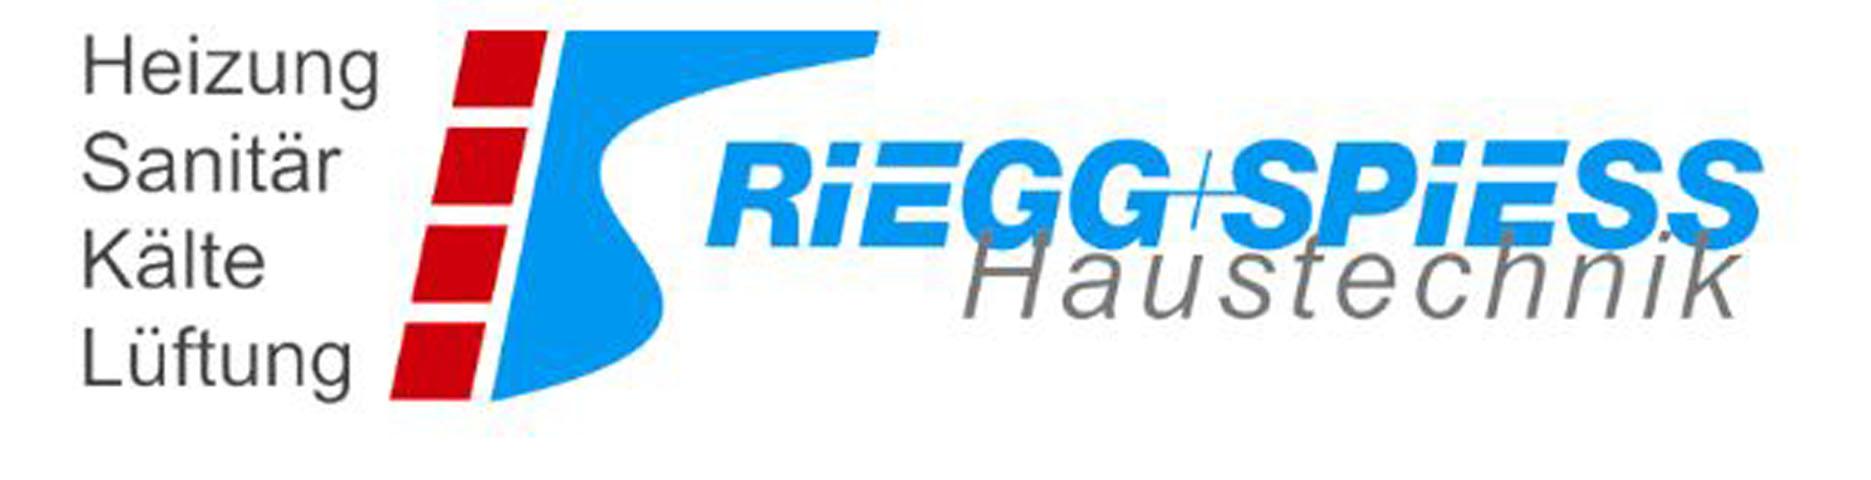 Riegg + Spiess Haustechnik GmbH & Co. KG Günzburg